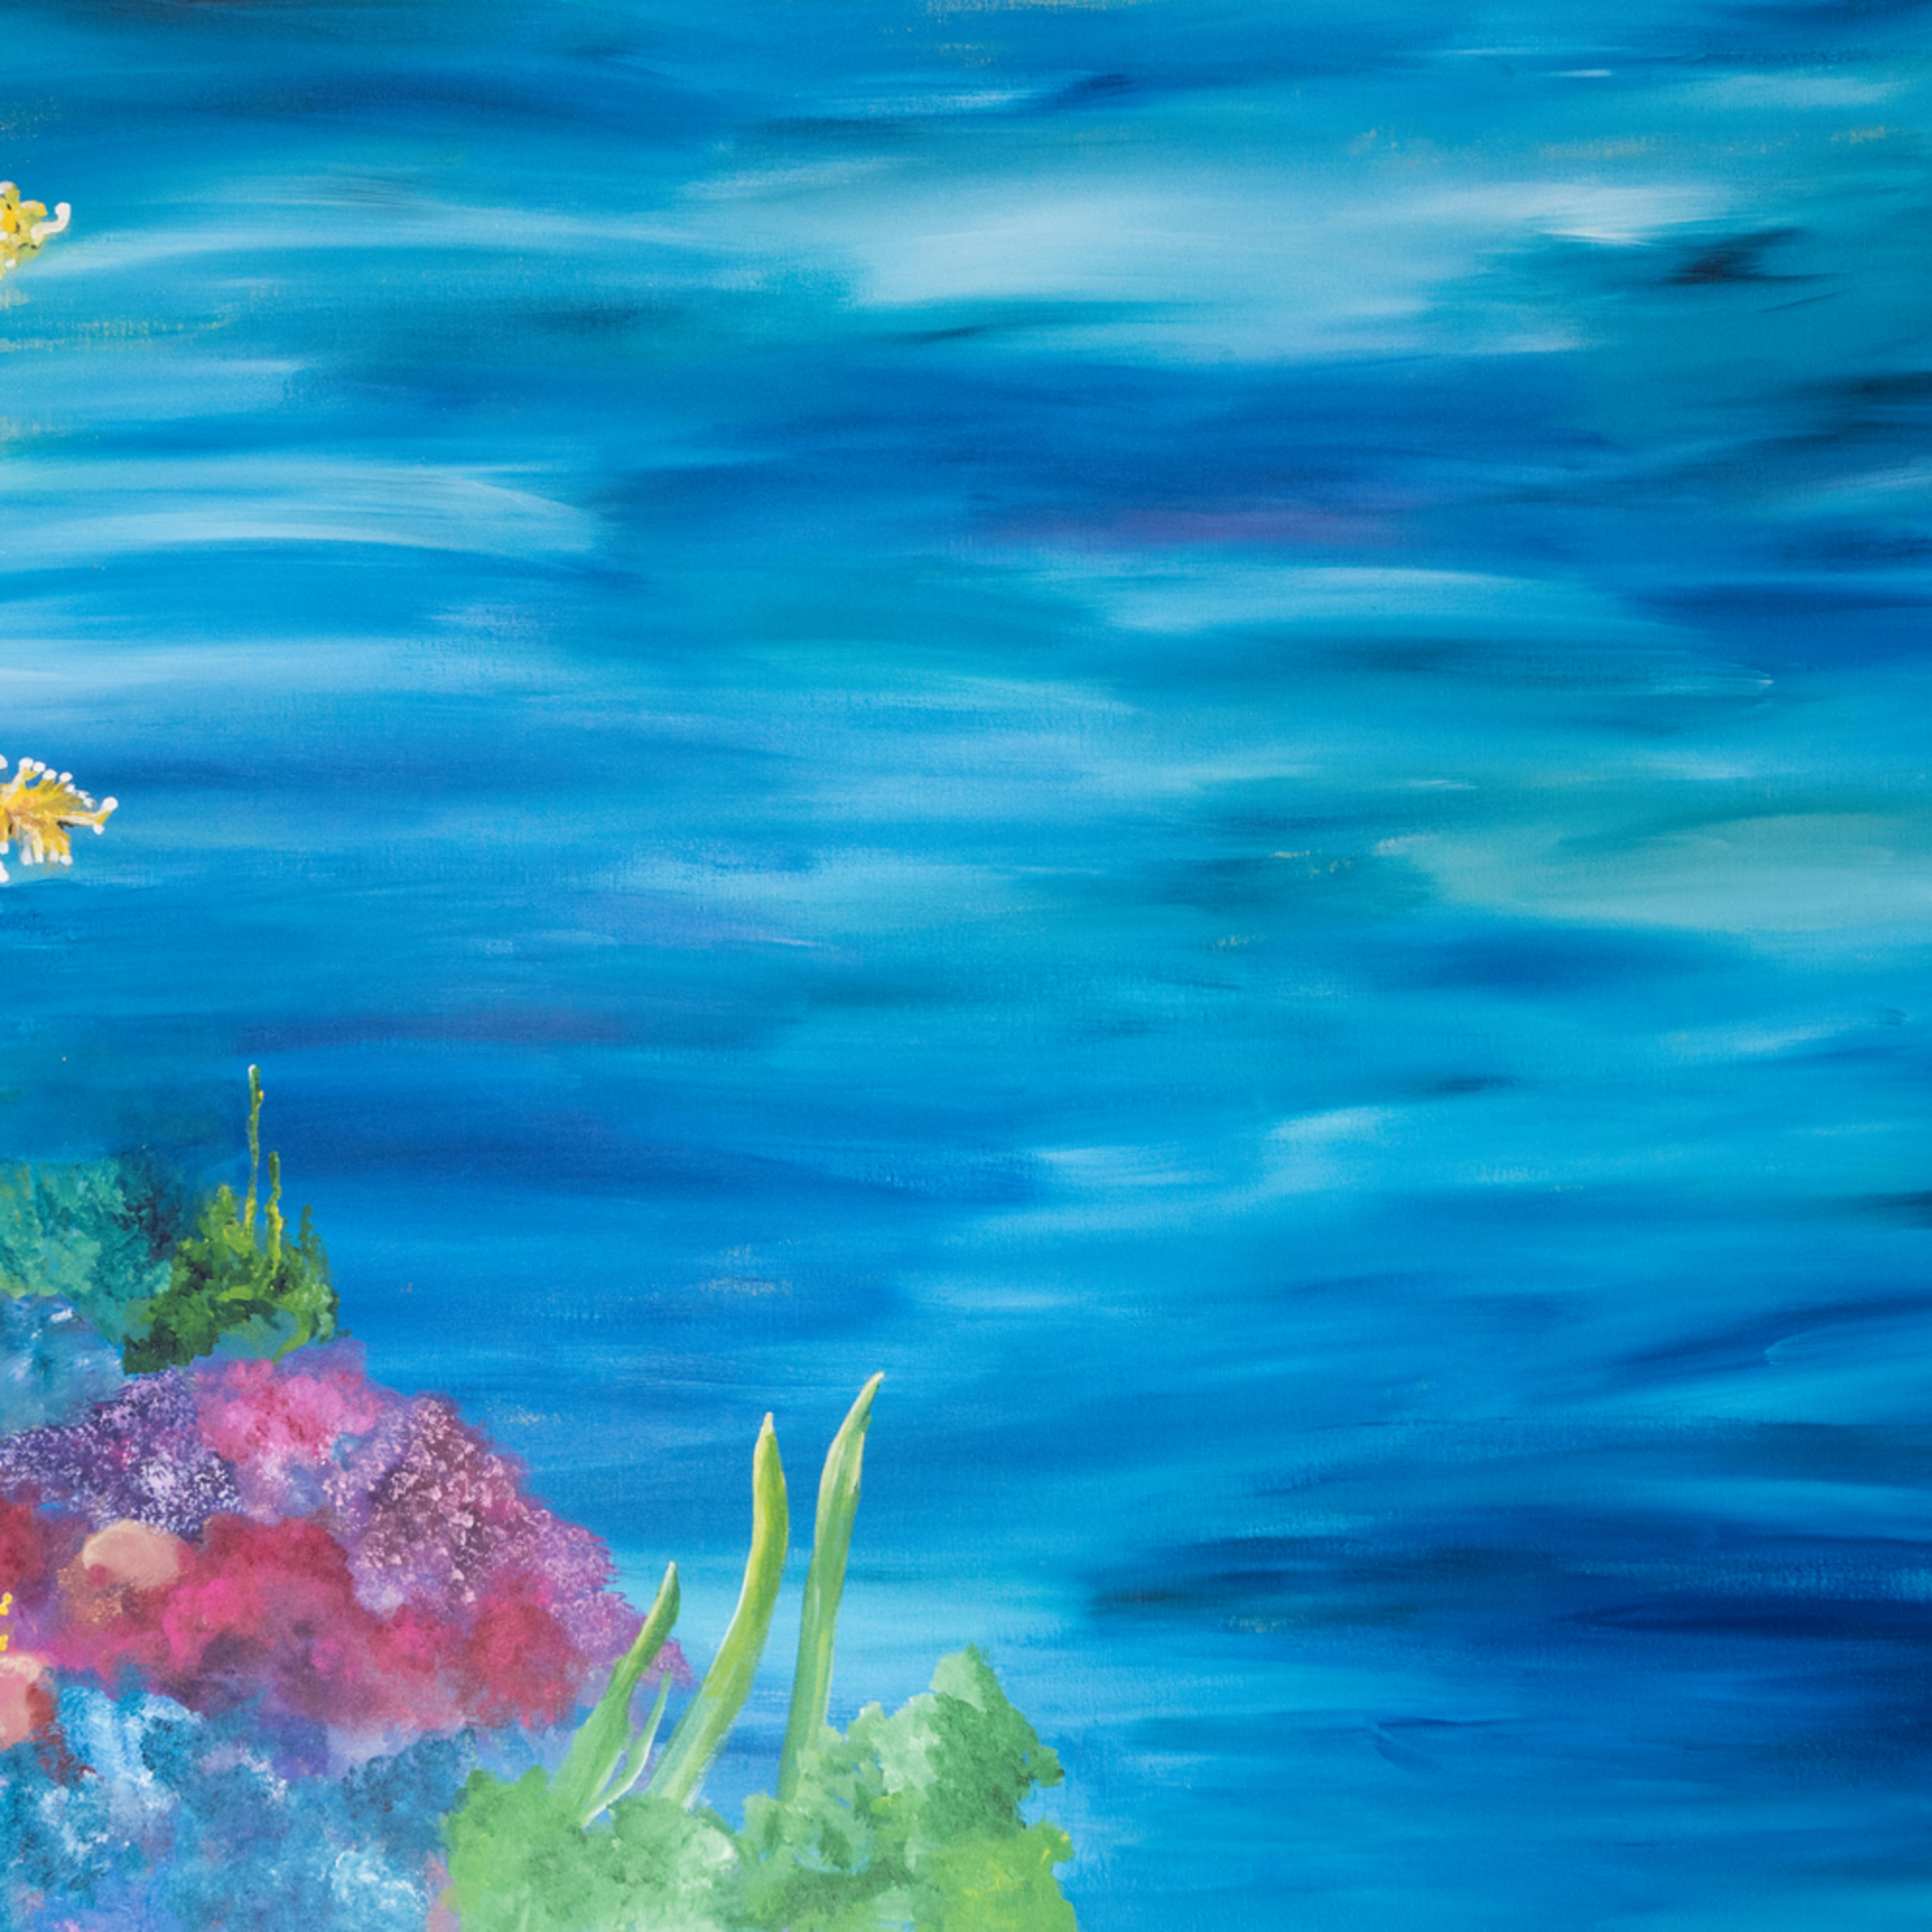 Coral akewpo